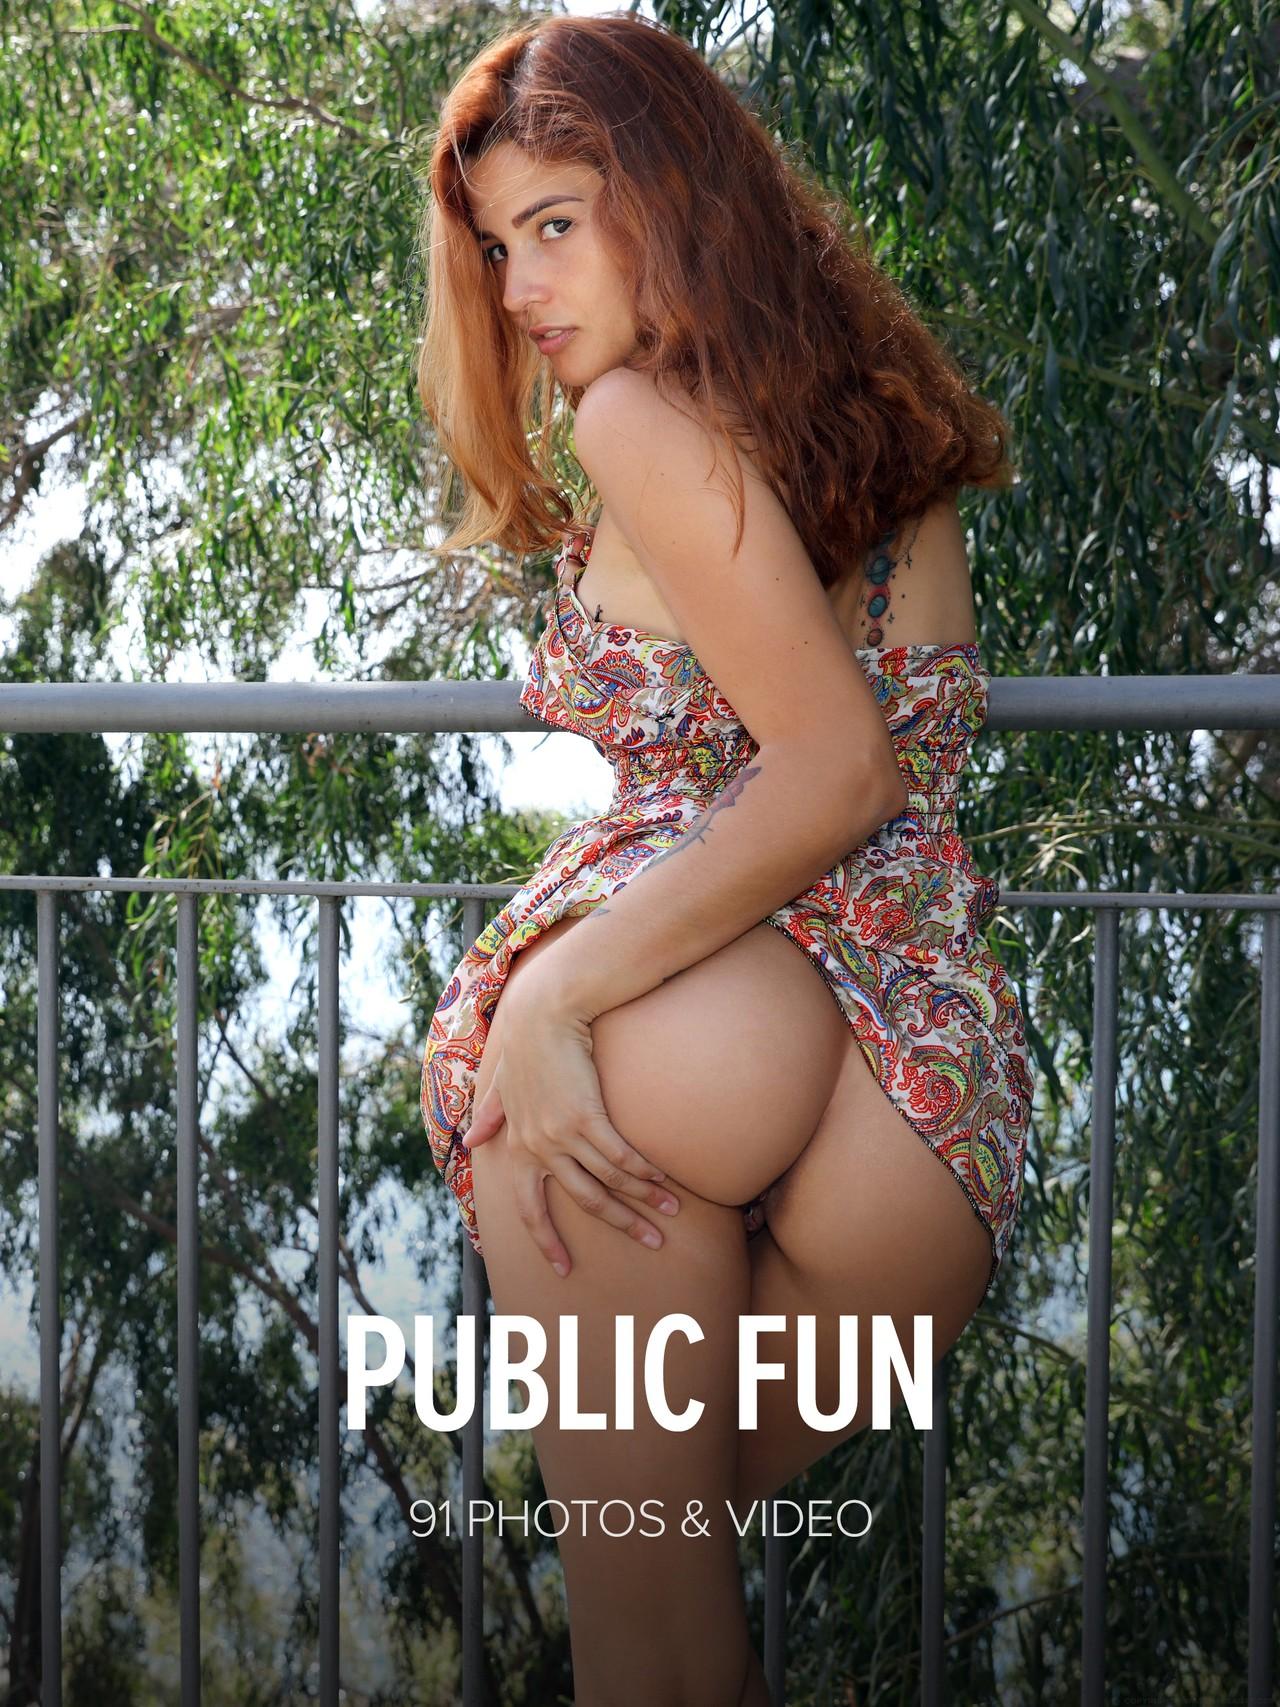 Agatha Vega: Public Fun